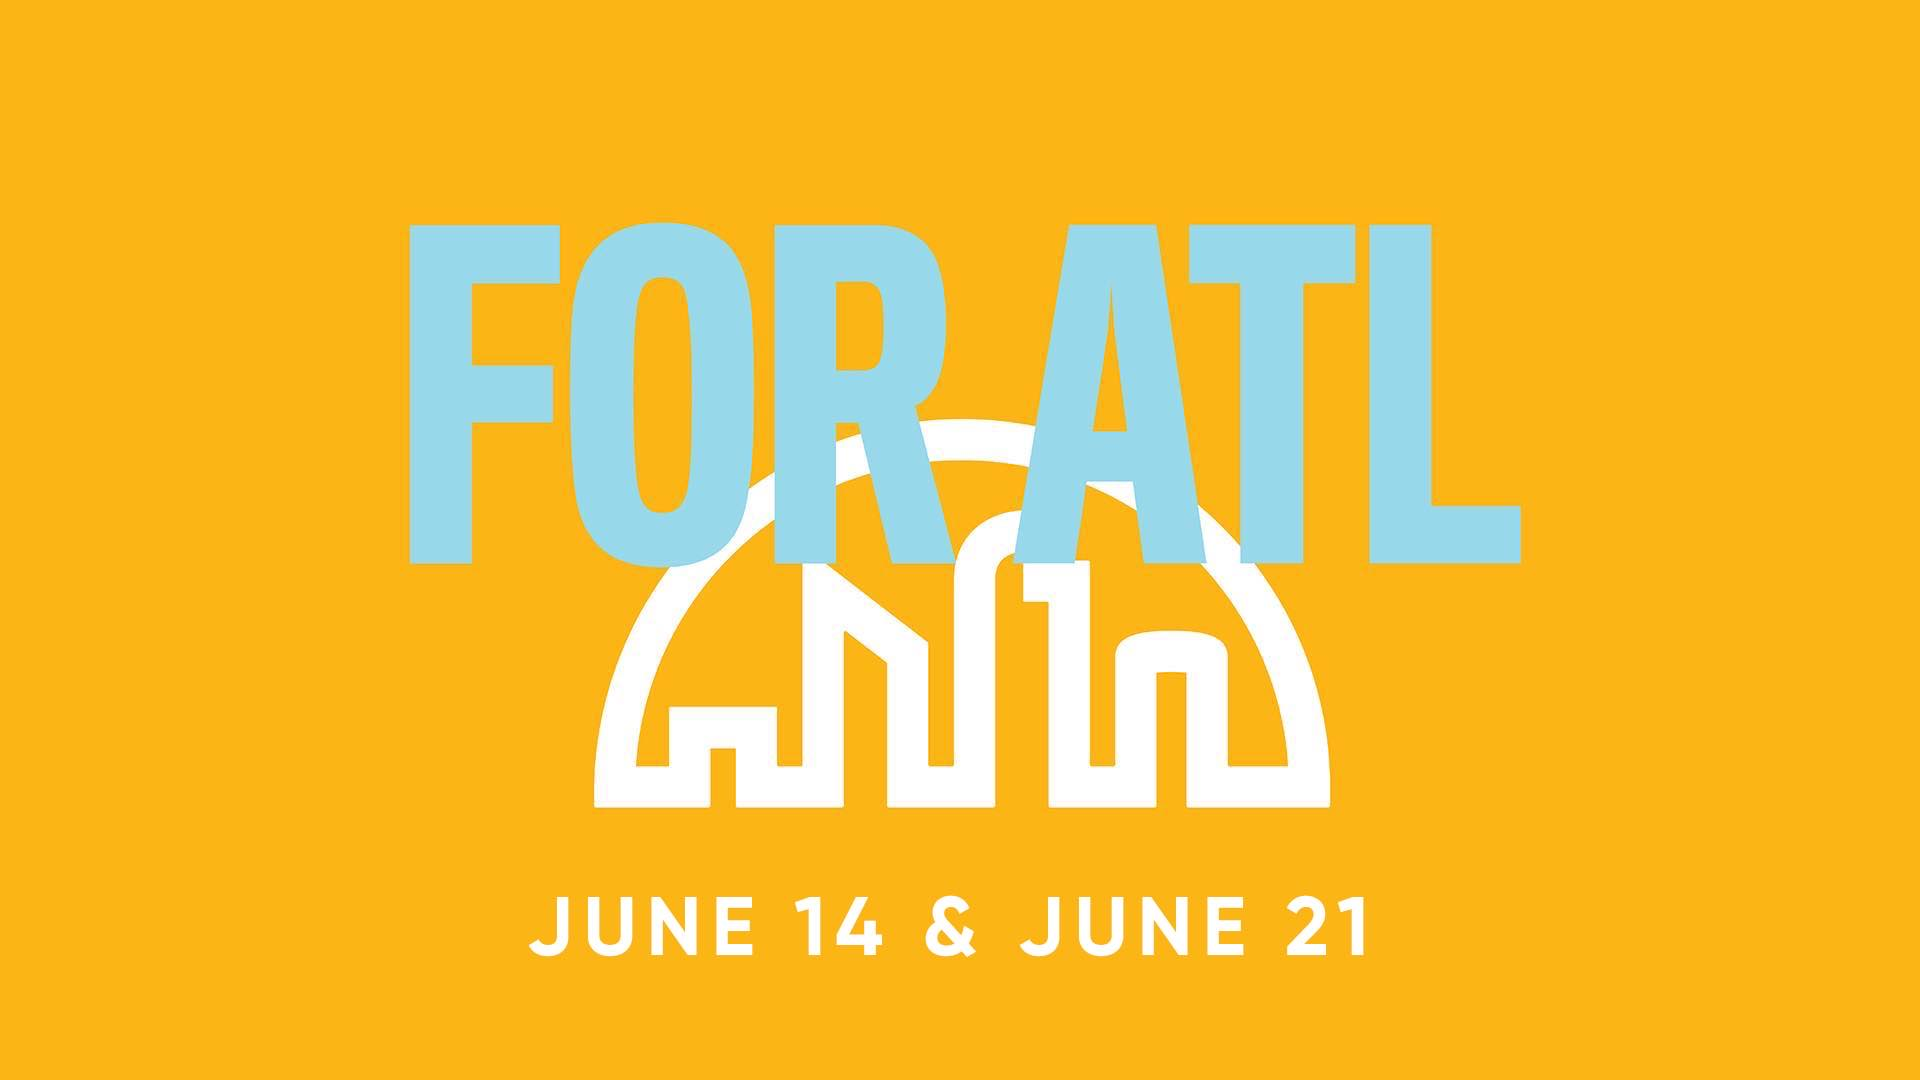 For Atlanta